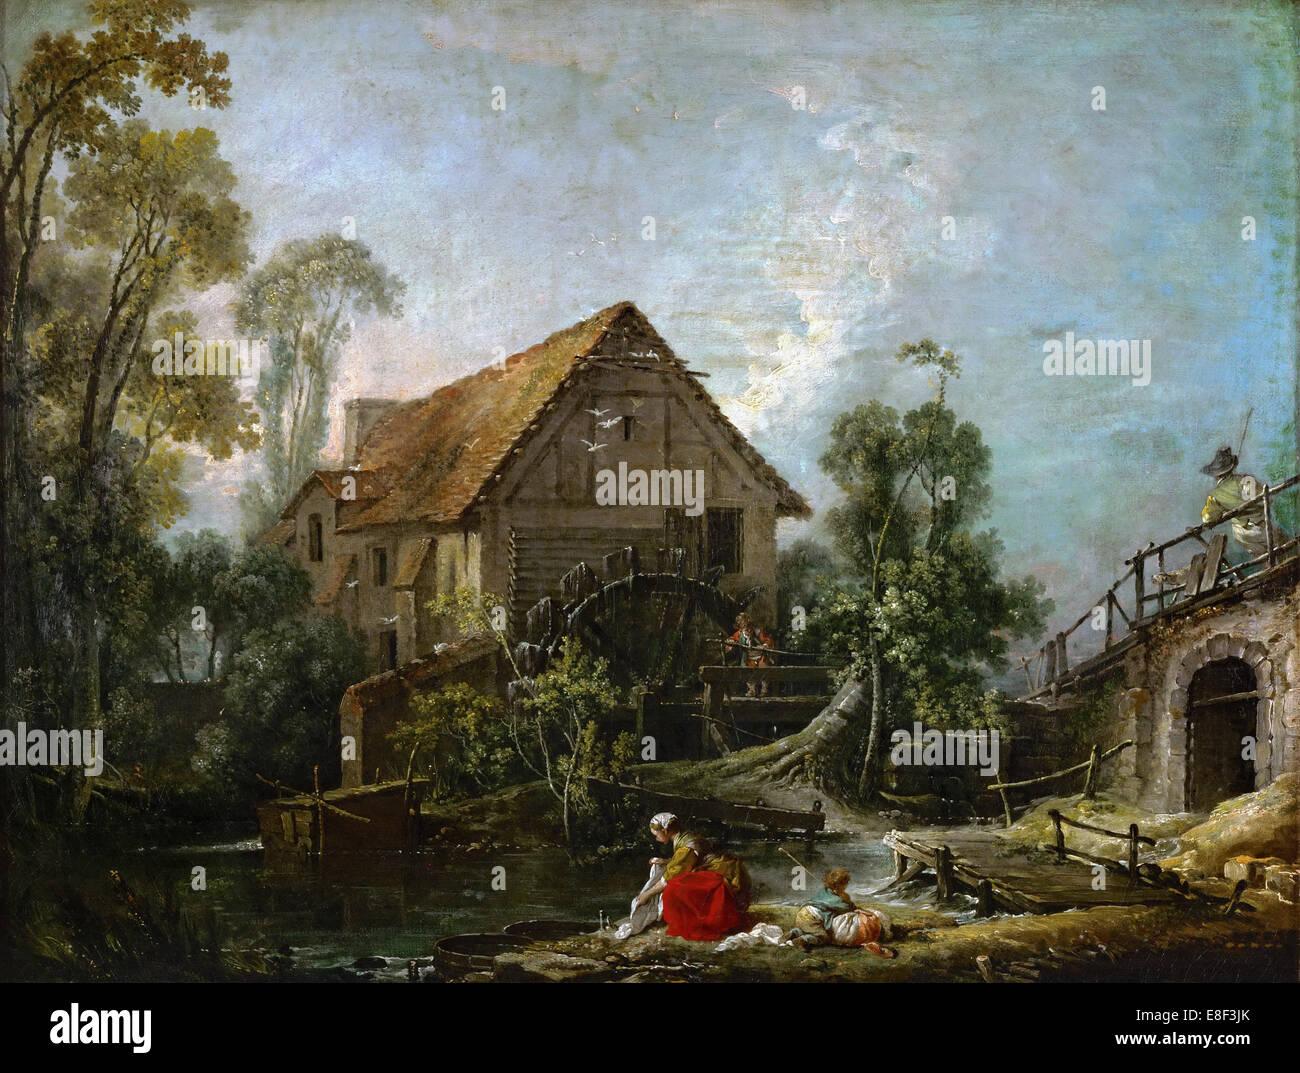 The Mill. Artist: Boucher, François (1703-1770) - Stock Image